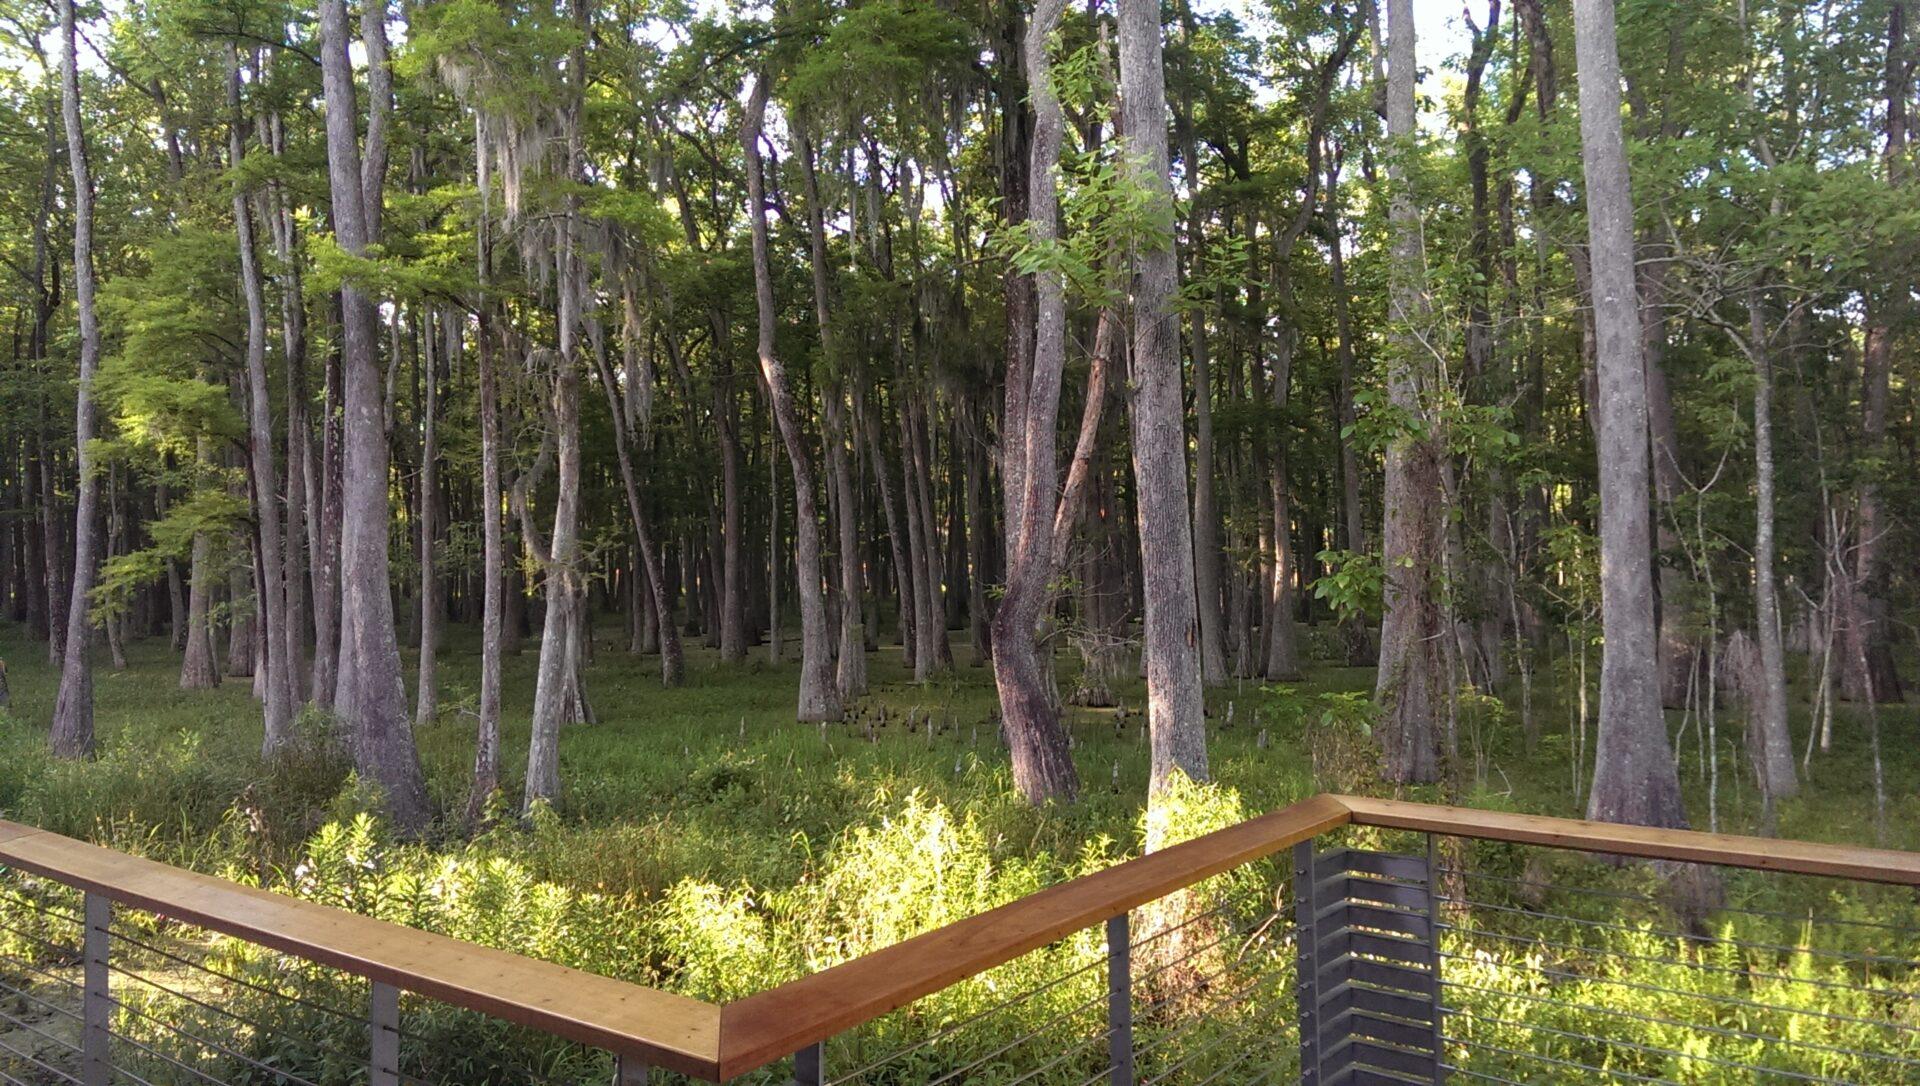 Louisiana Tour - Morgan City Swamp